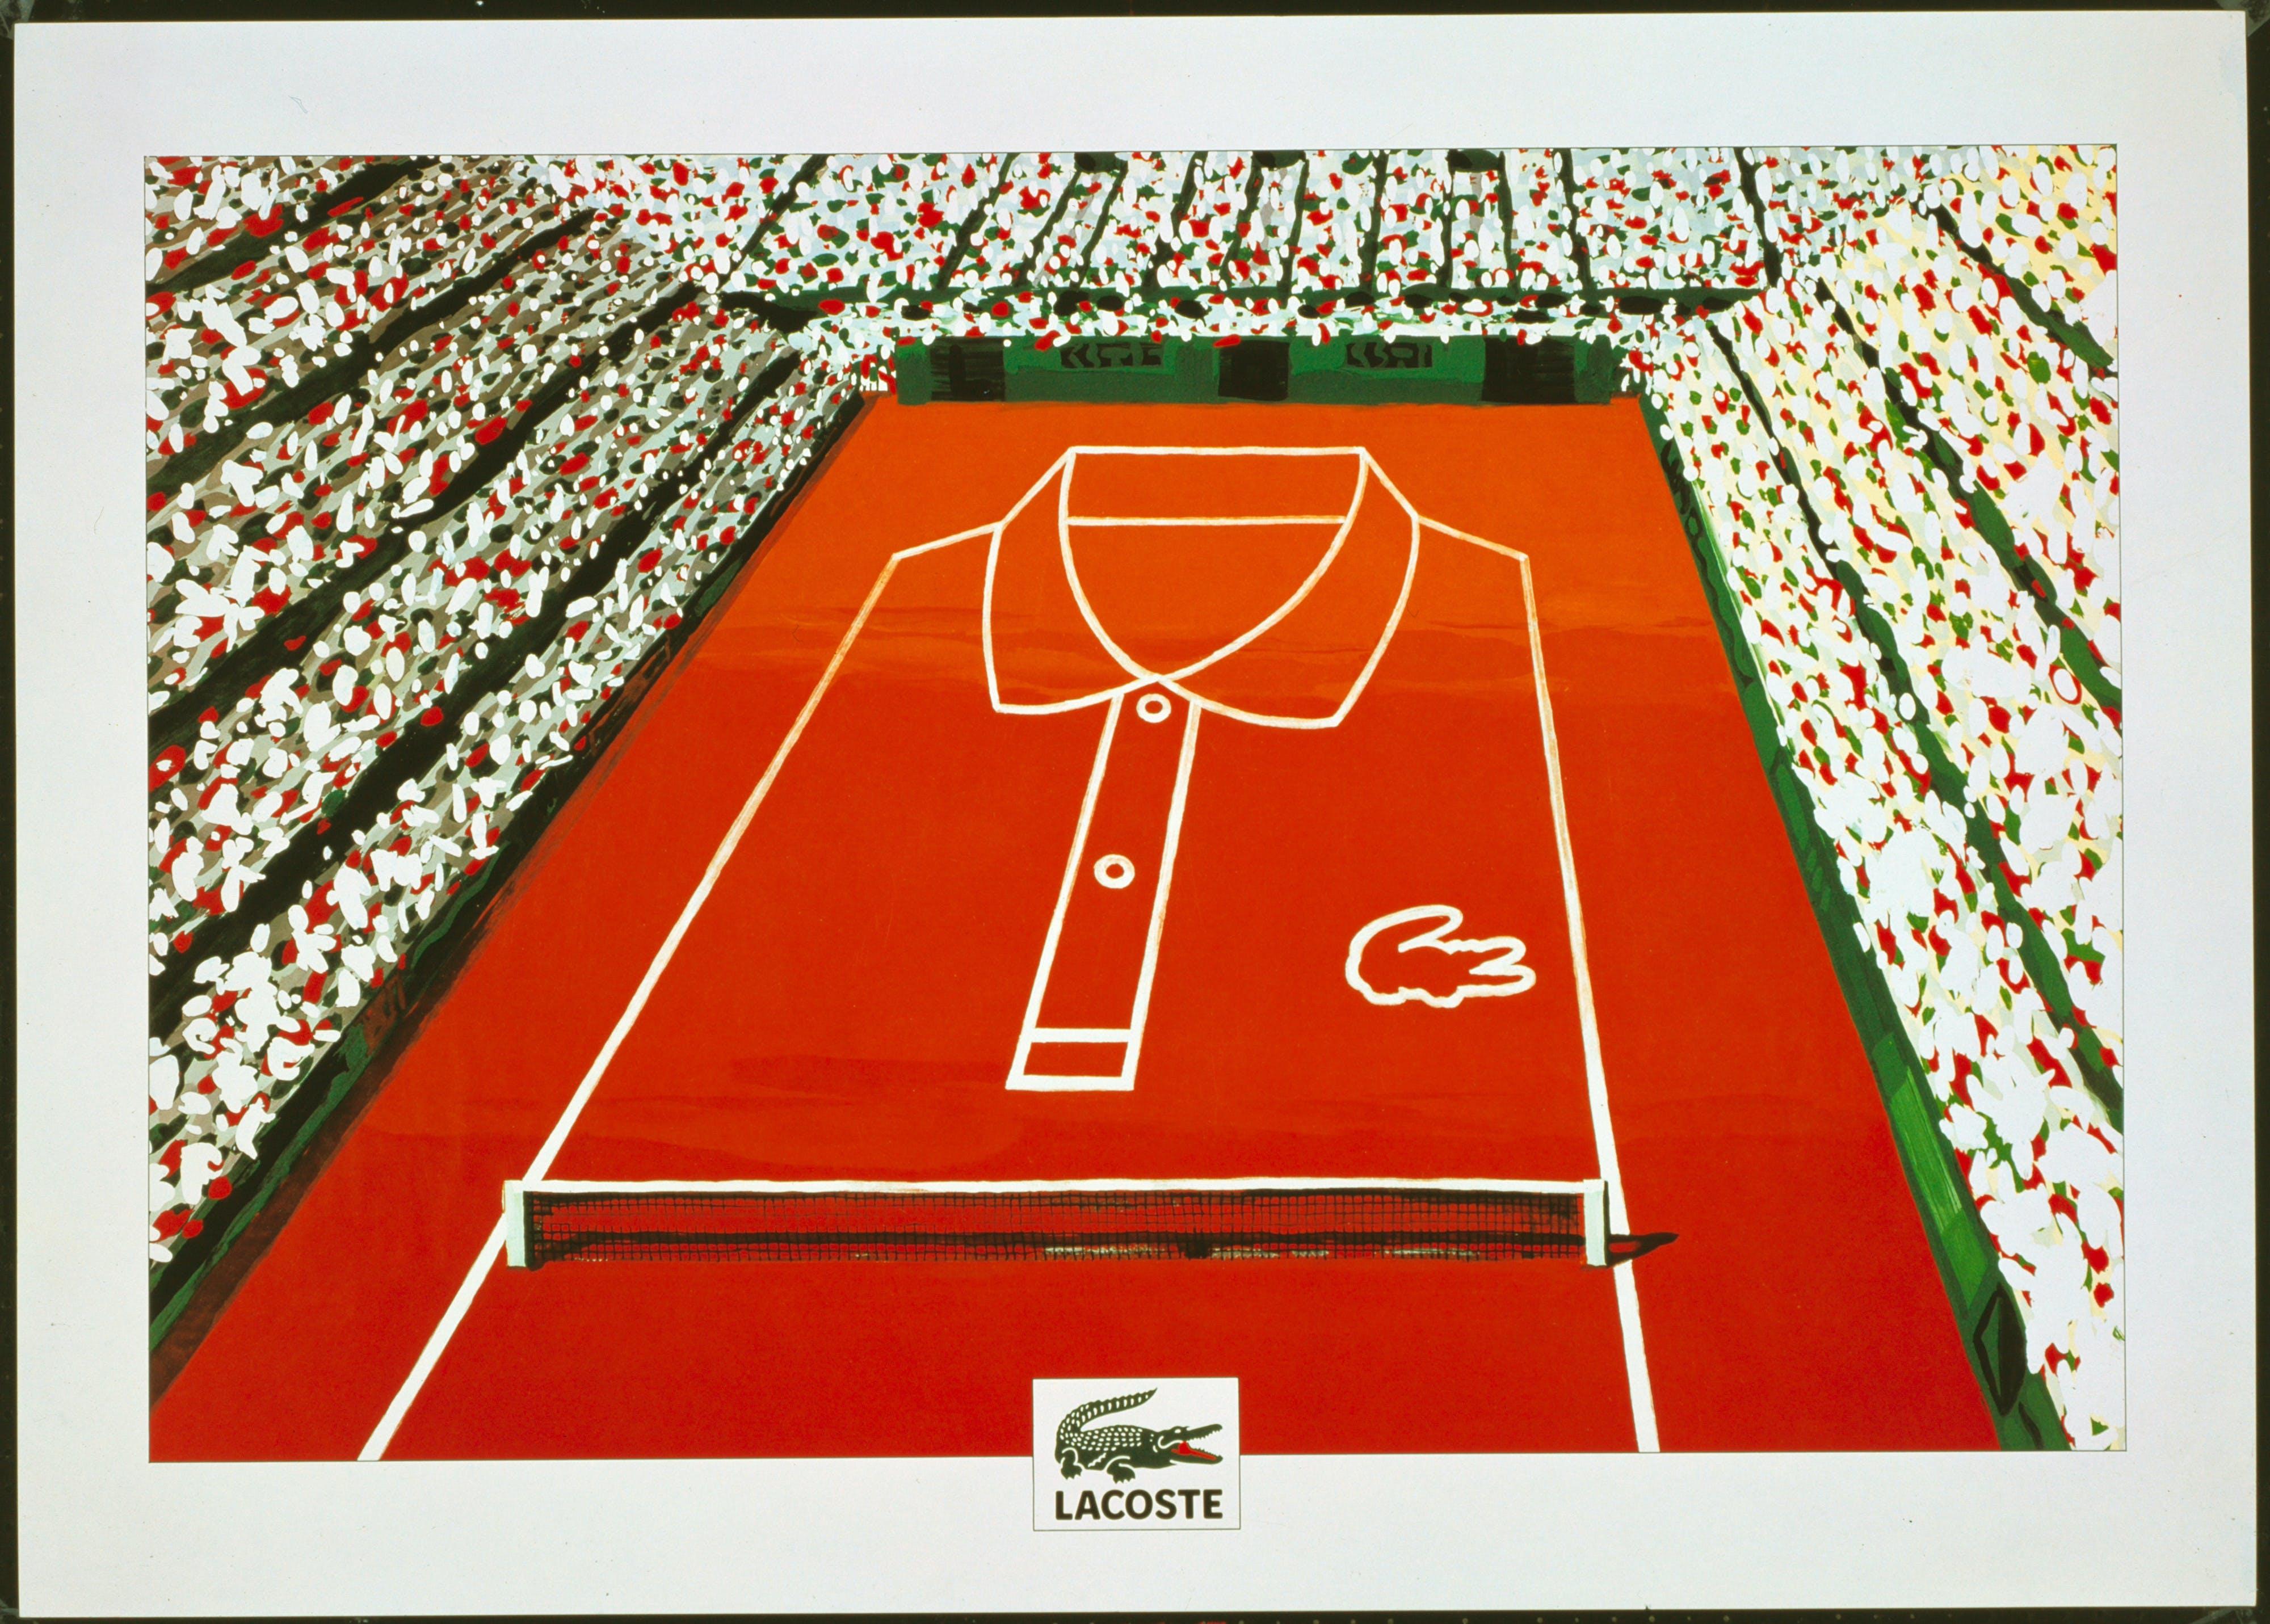 50 ans Lacoste x Roland-Garros 2021